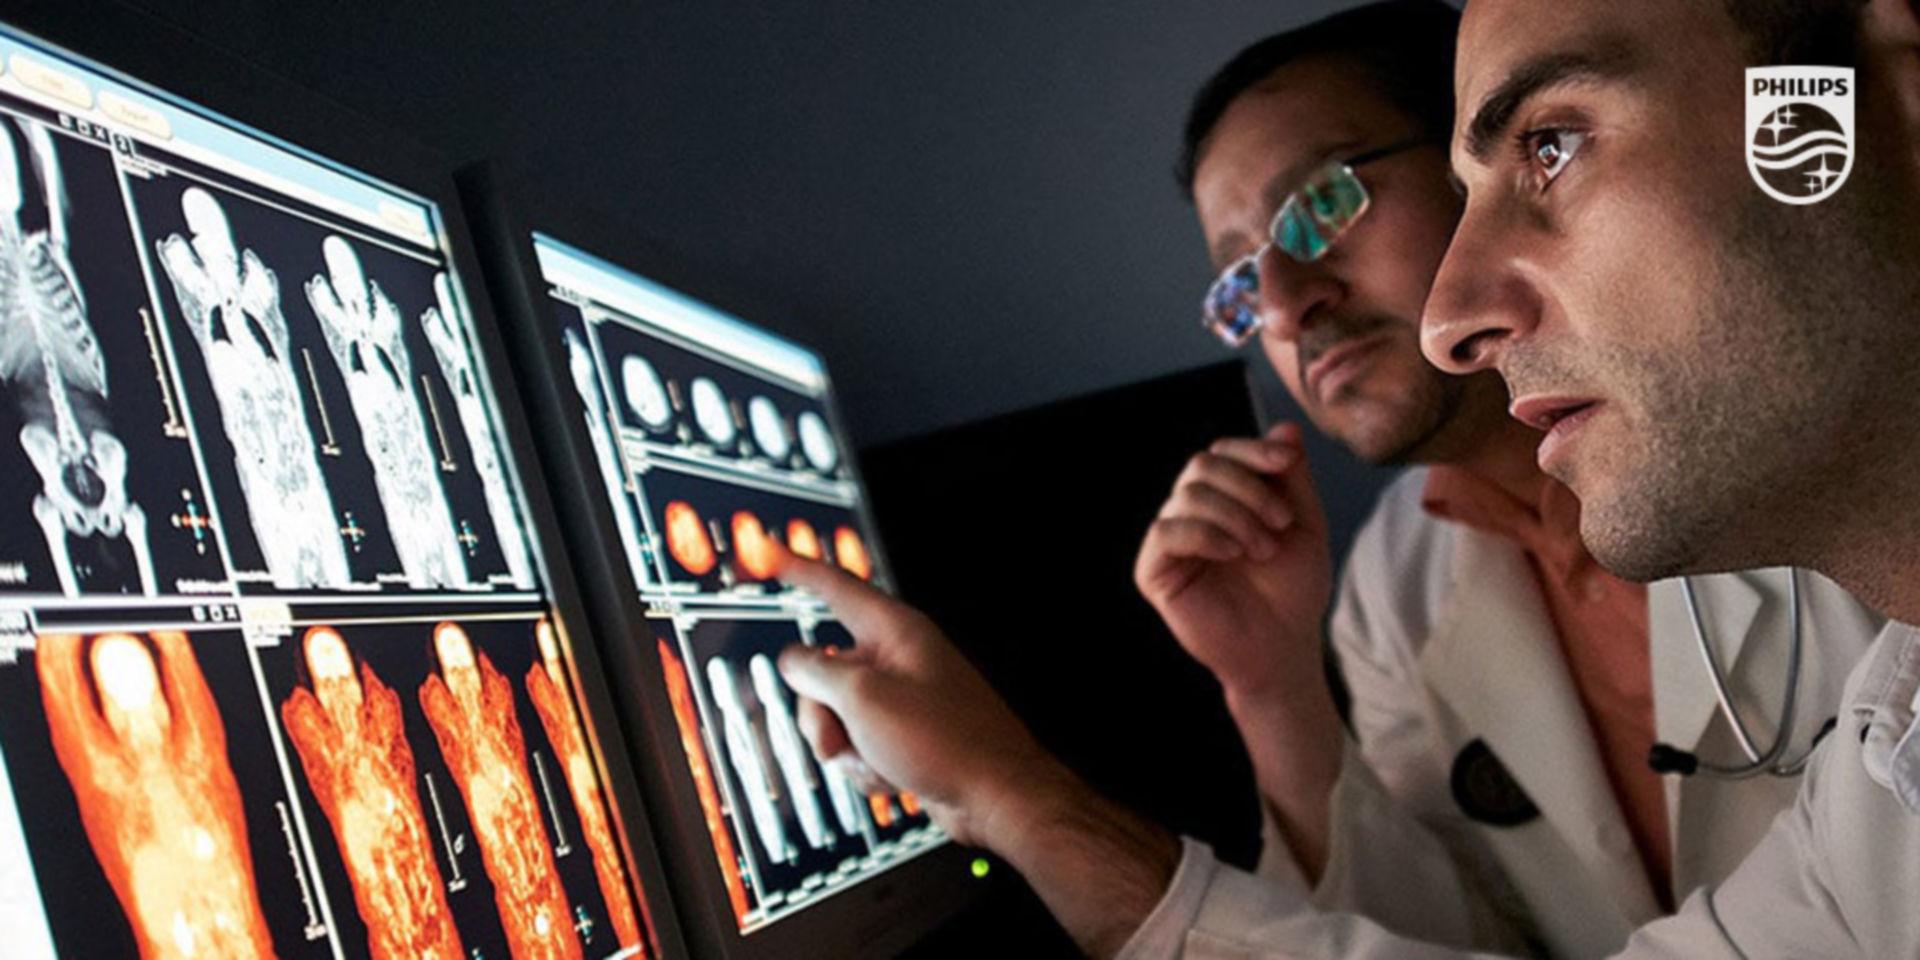 Healthcare IT für eine optimierte Patientenversorgung